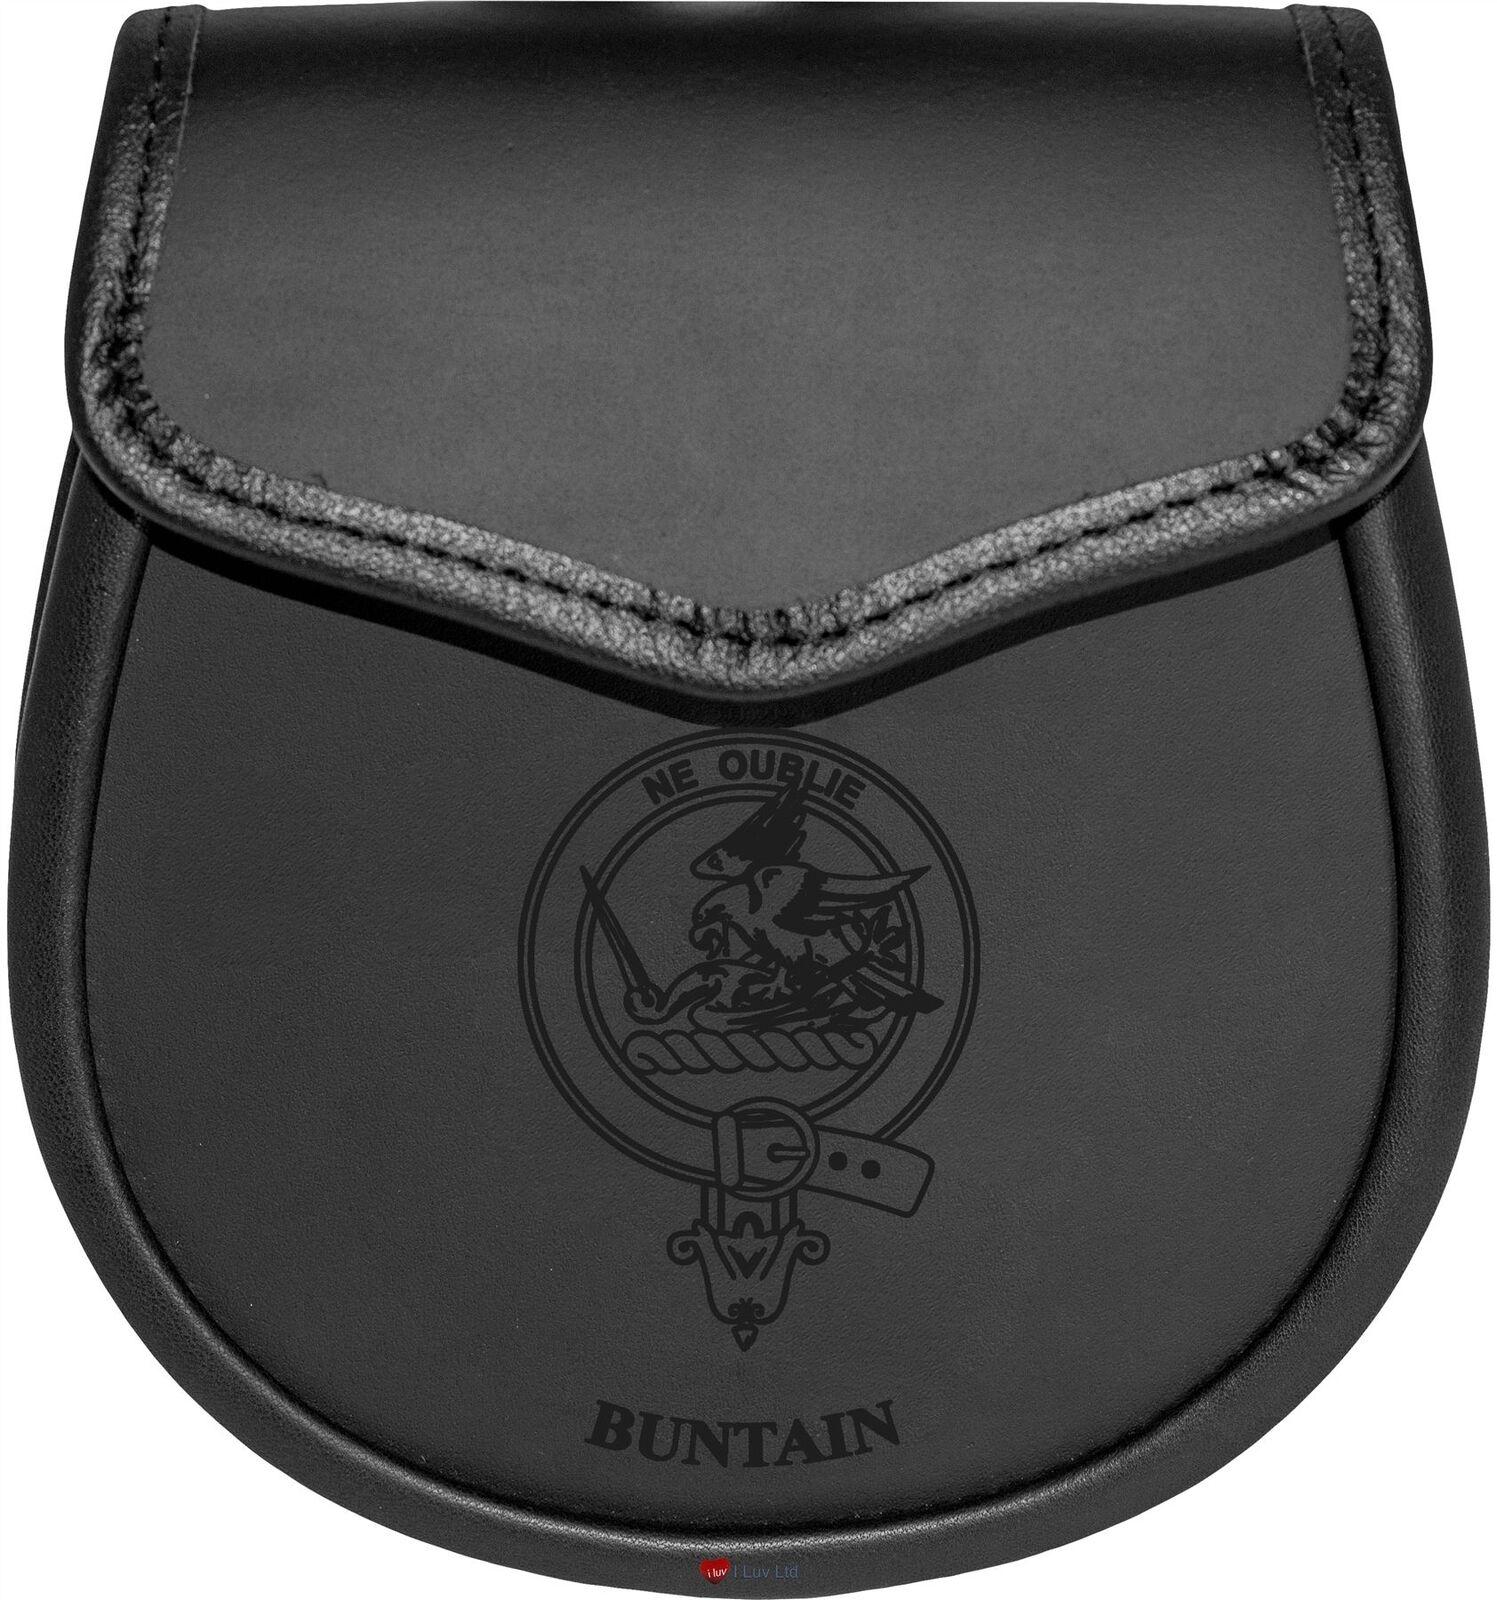 Buntain Leather Day Sporran Scottish Clan Crest